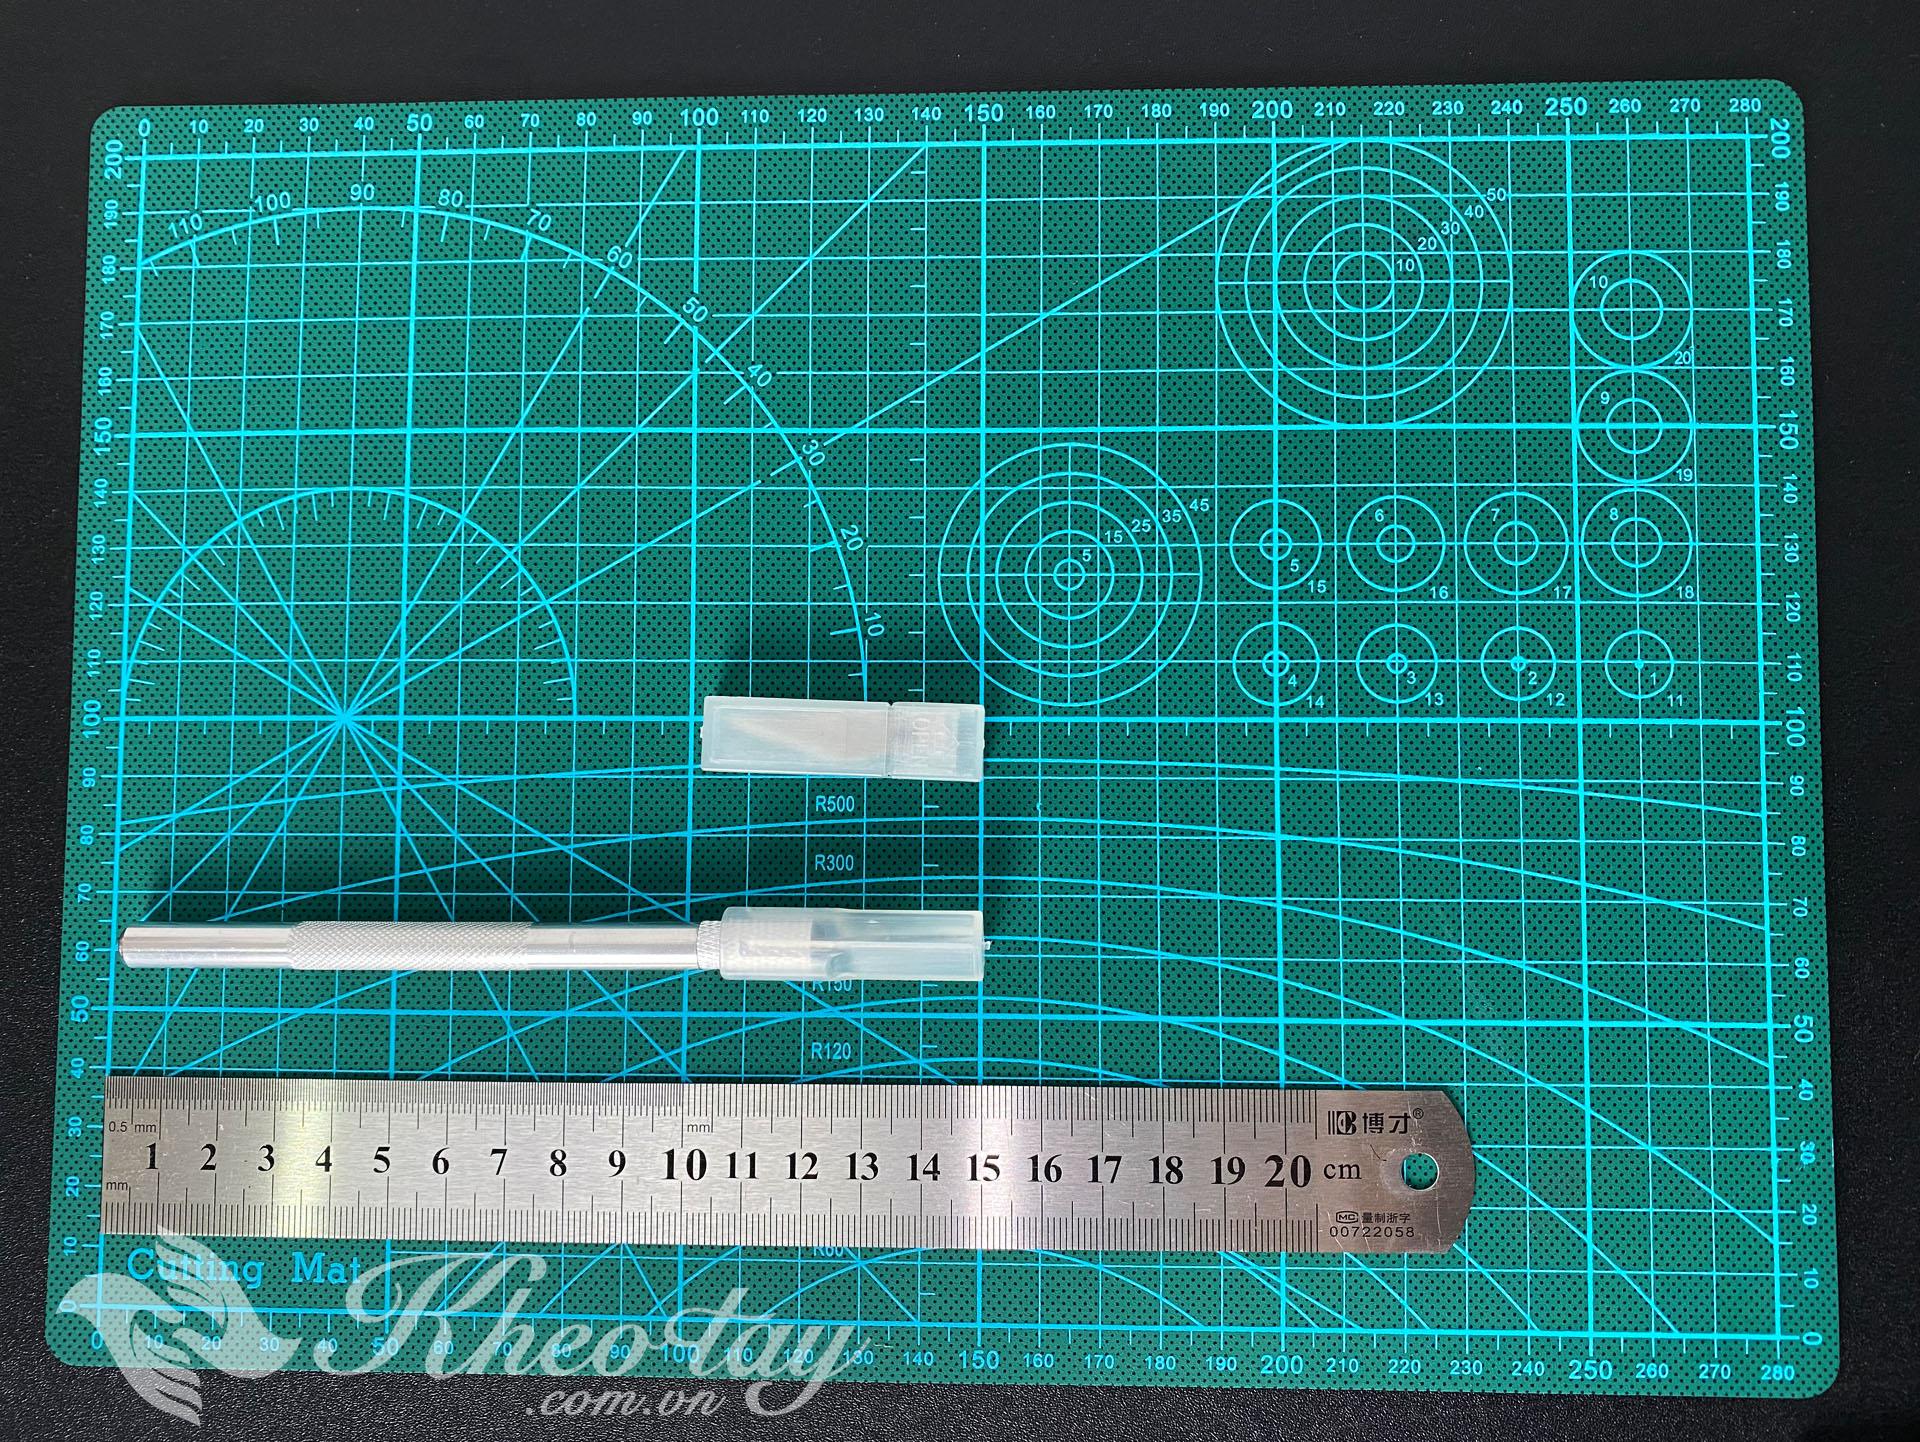 Bộ Combo Cutting mat A4 + thước 20cm + dao trổ kèm bộ lưỡi thay thế